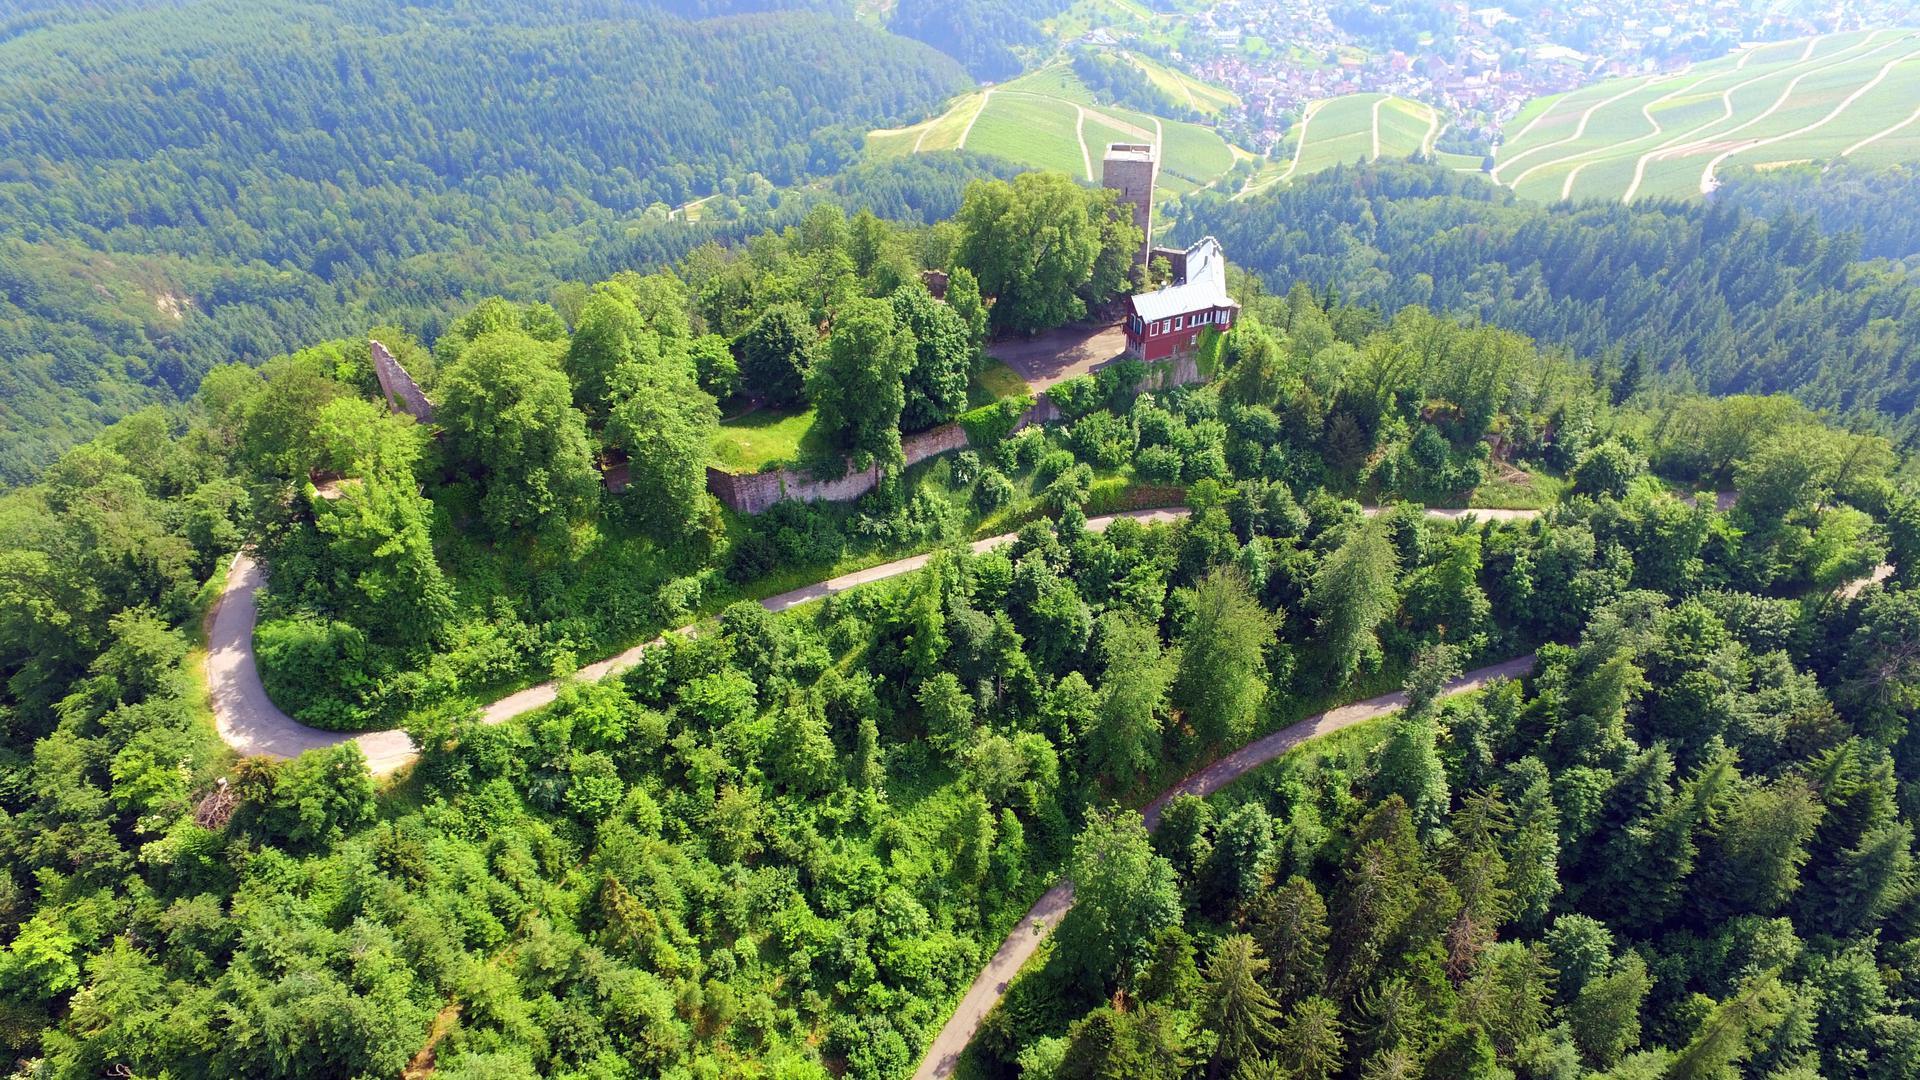 Hoch oben: Probleme bereitet auch der Zustand der rund 1,5 Kilometer langen Anfahrt und die Wendeplatte links am Eingang der Burg. Eine wichtige Voraussetzung für eine Neueröffnung der Gastronomie auf der Yburg.